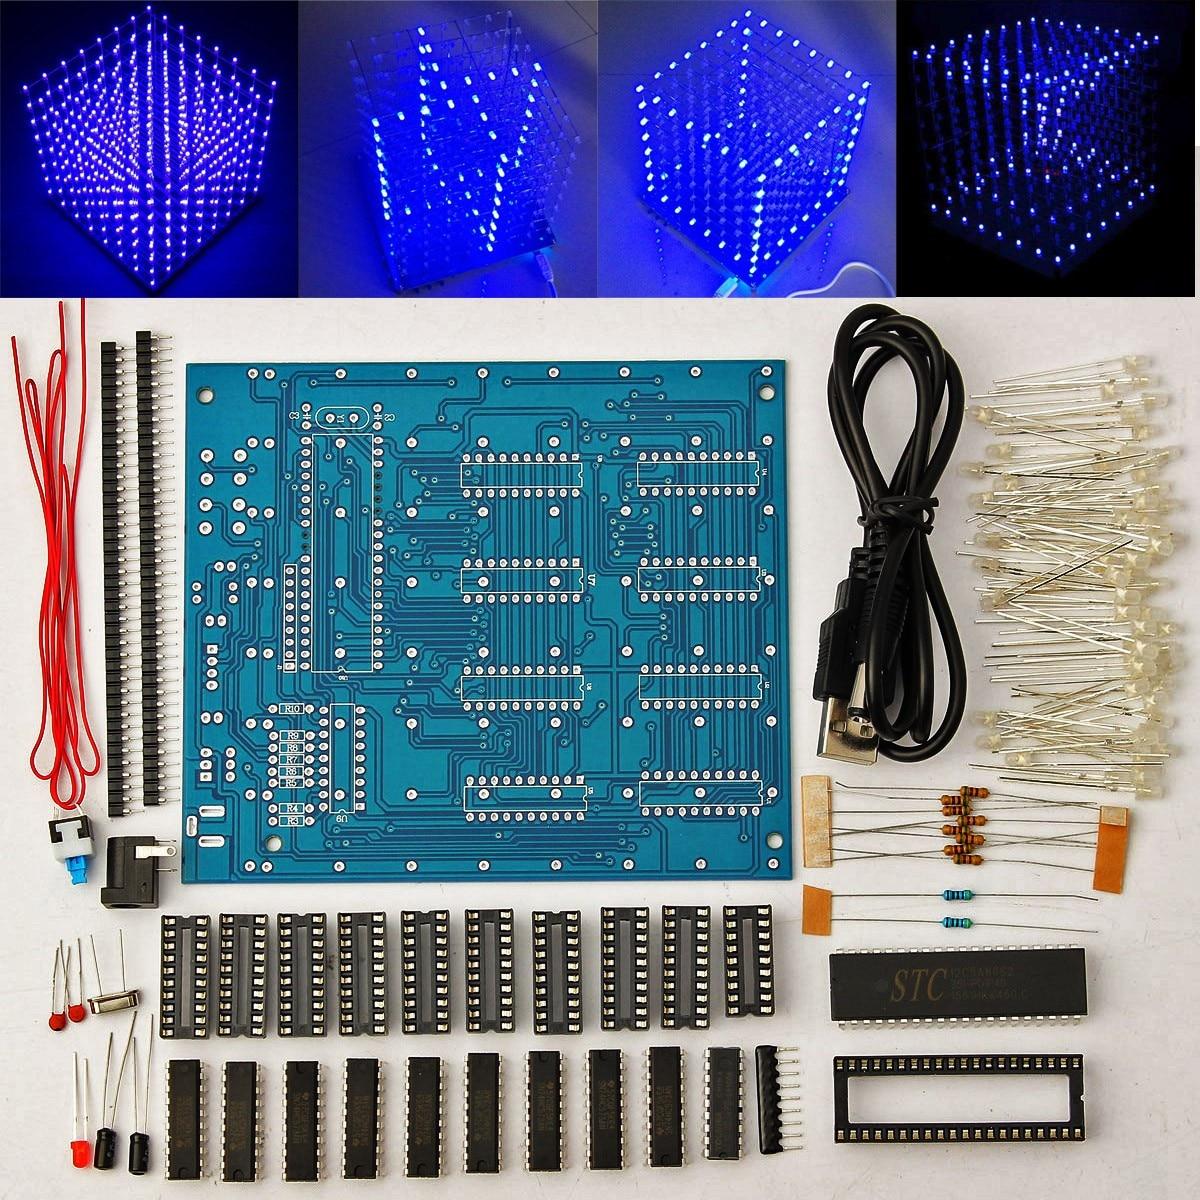 8x8x8 LED Cube 3D Light Square Blue LED Electronic DIY Kit Module